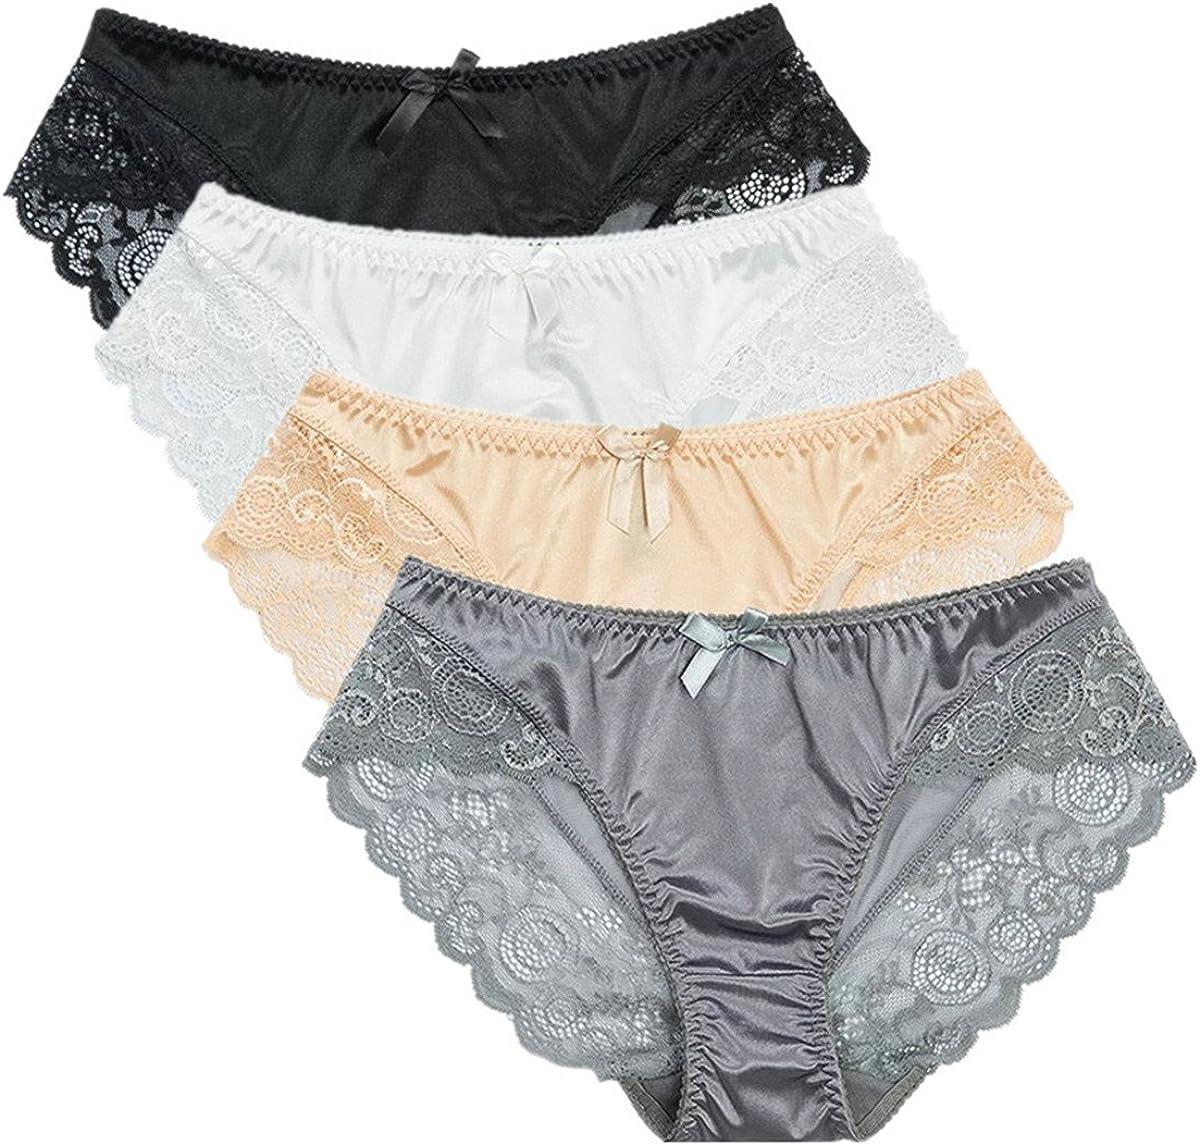 Satin Panties Photos Pic